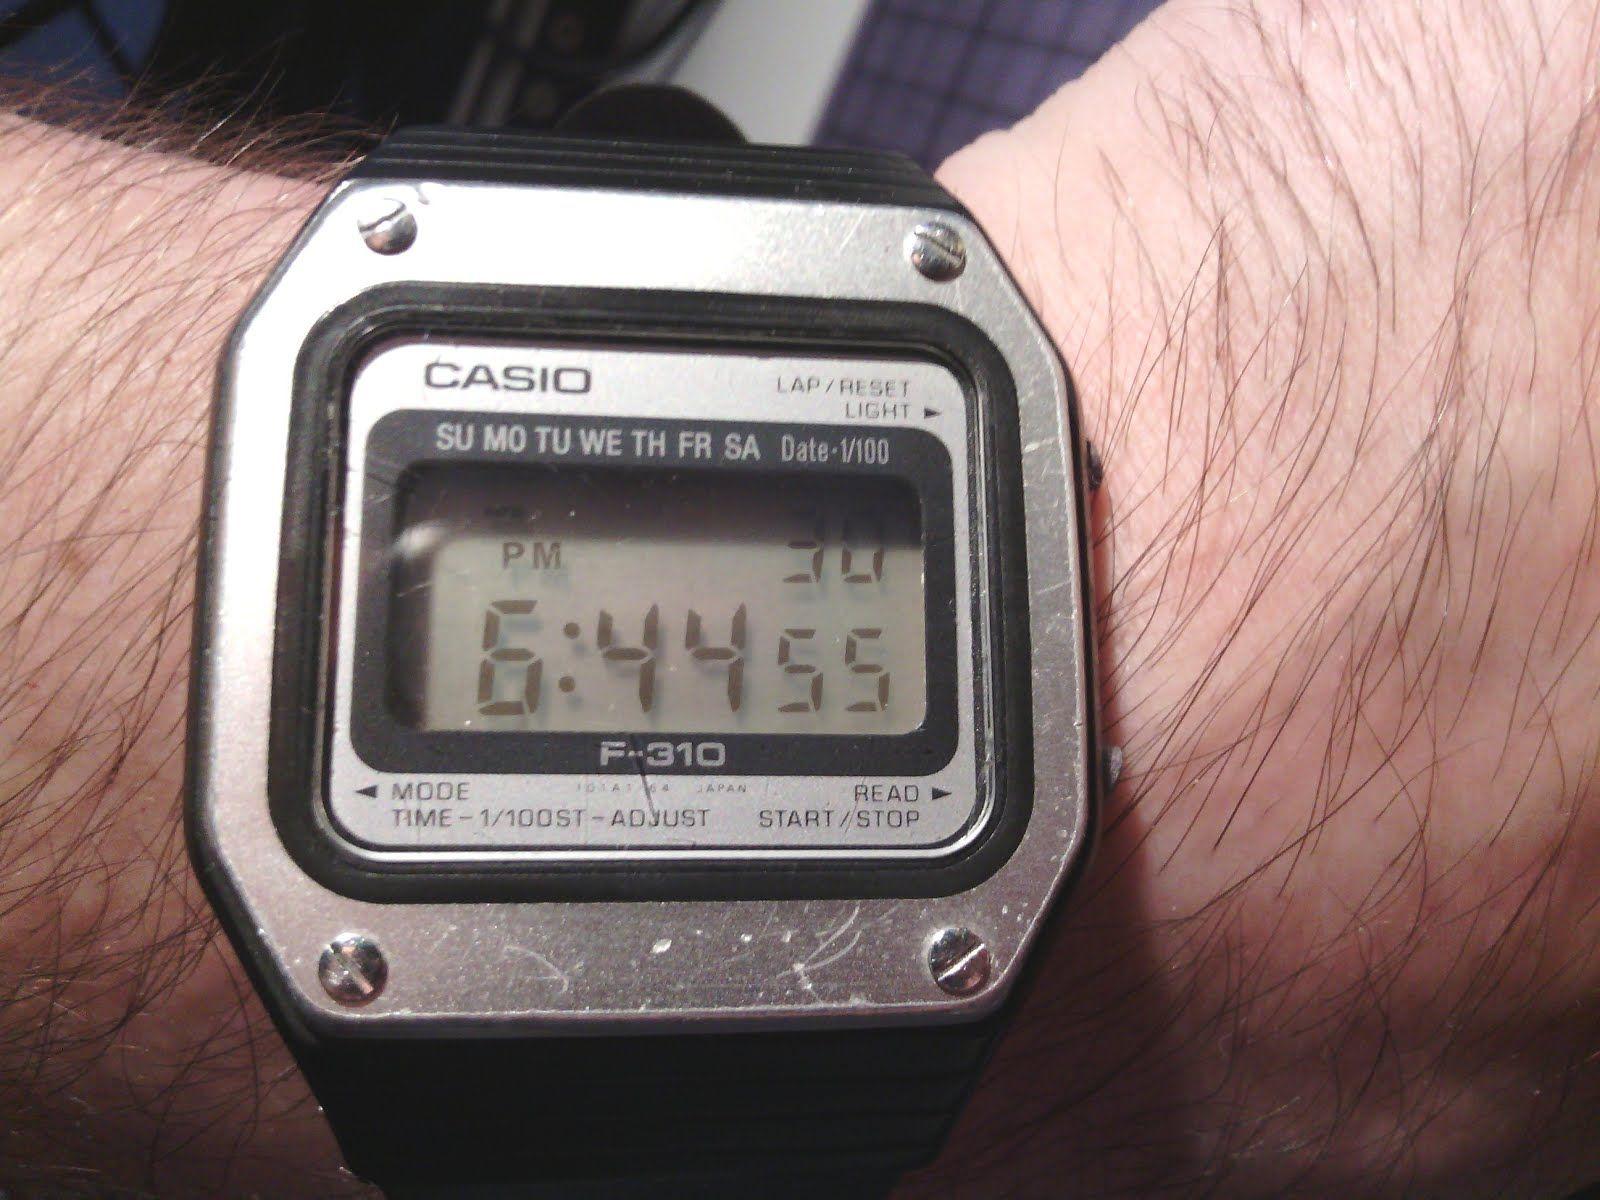 CASIO F-310  0cc1074a88